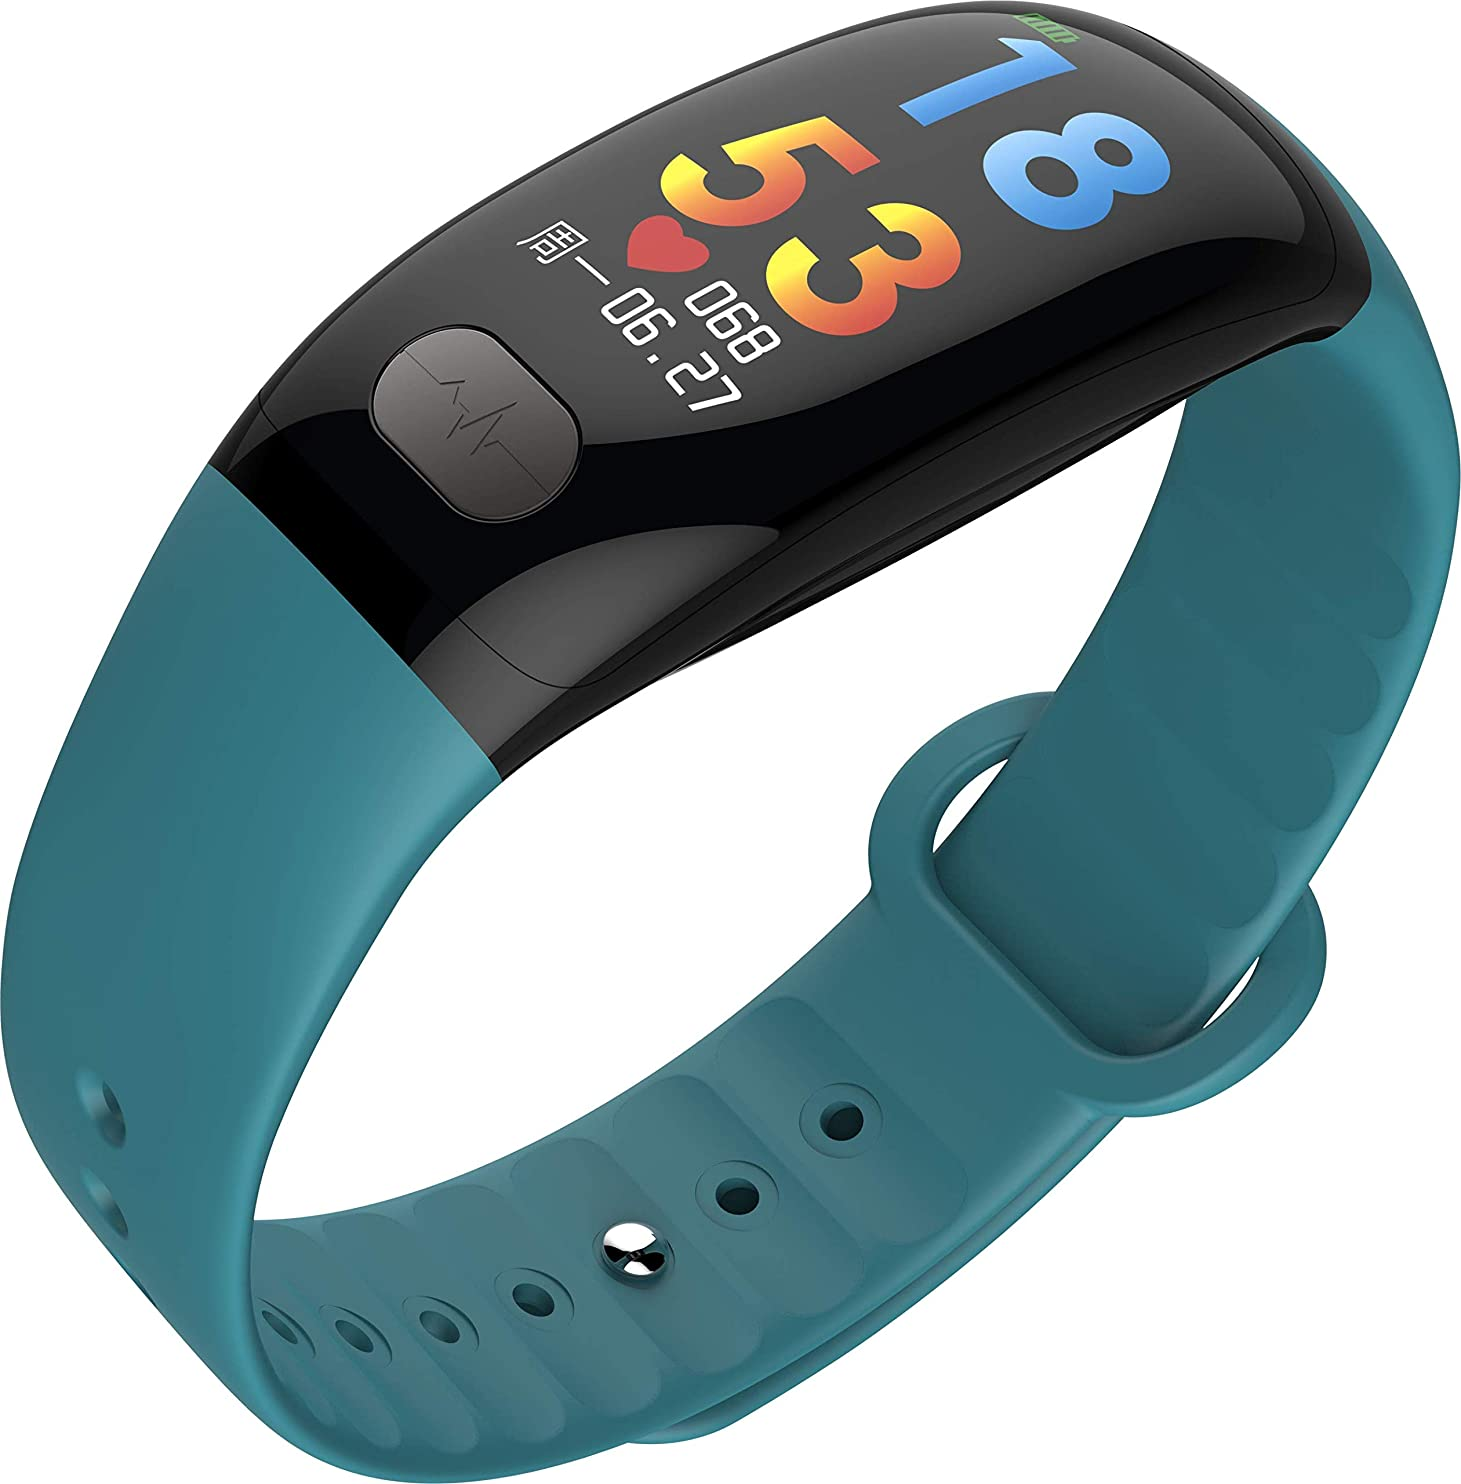 不信条件付きスキッパーWINAWORLD B51绿スマートウォッチ2019血圧心拍数心電図24時間モニタリングAI人工知能診断HRV健康指標モニタリング報告書スマートブレスレット ECG + PPGスマートウォッチ スマートブレスレットウェアラブルハードウェア+スマートAPP +ビッグデータクラウドサービスECG血圧測定心拍数モニターカロリー計算歩数計睡眠検出IP67防水APPケア家族の友人健康レポートデータ共有通話通知facebook/IN/Skype/Twitter/WhatsApp/Viberの情報リマインダー、目覚まし時計の長い席+ドリンクのリマインダー、IOS&Androidシステムと互換性のあるアプリ